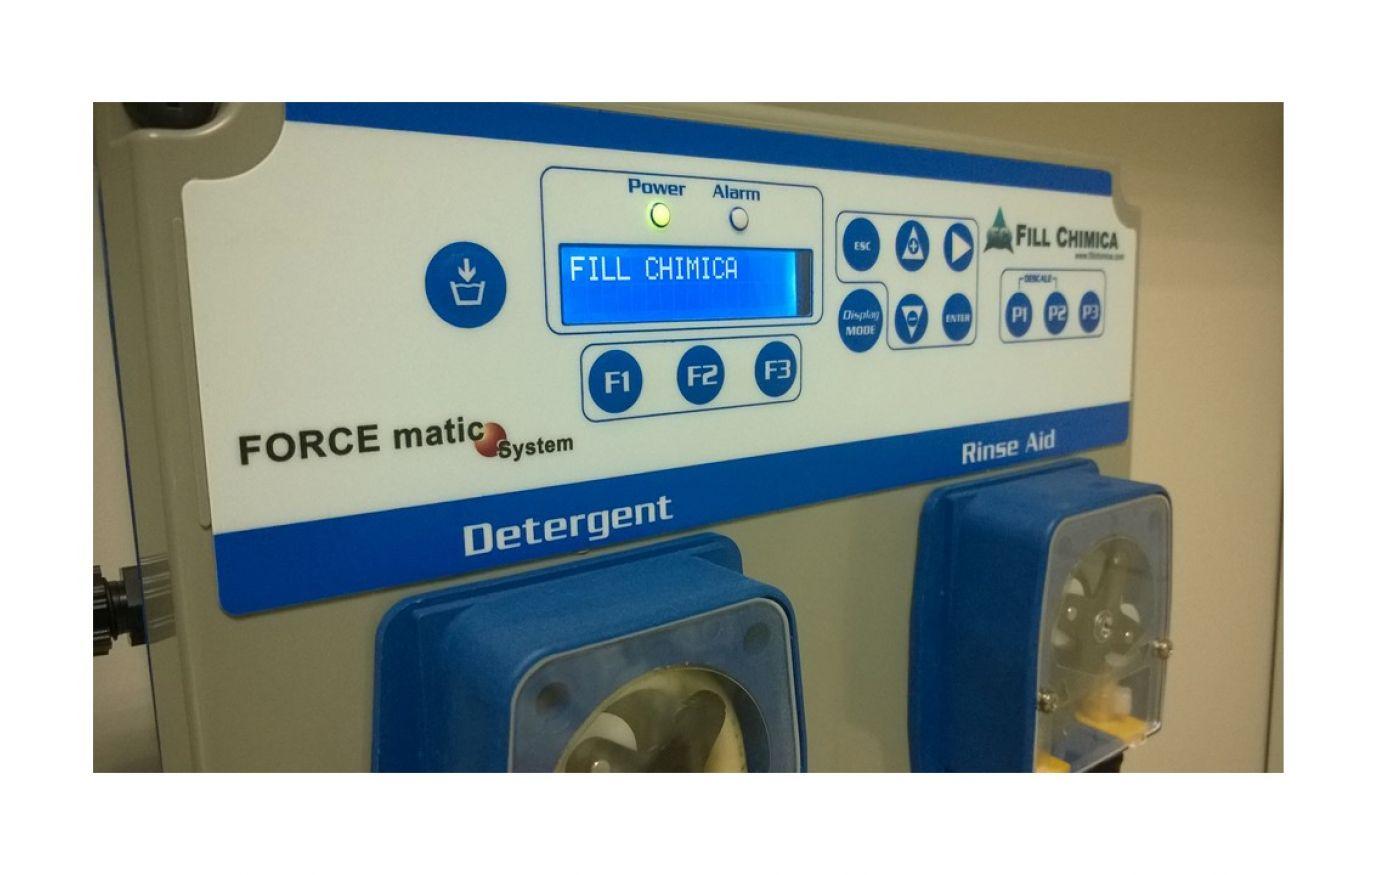 Impianto dosaggio automatico detergente e brillantante Force Matic - Lavastoviglie a traino - Impianto dosaggio automatico detergente e brillantante Force Matic - Lavastoviglie a traino